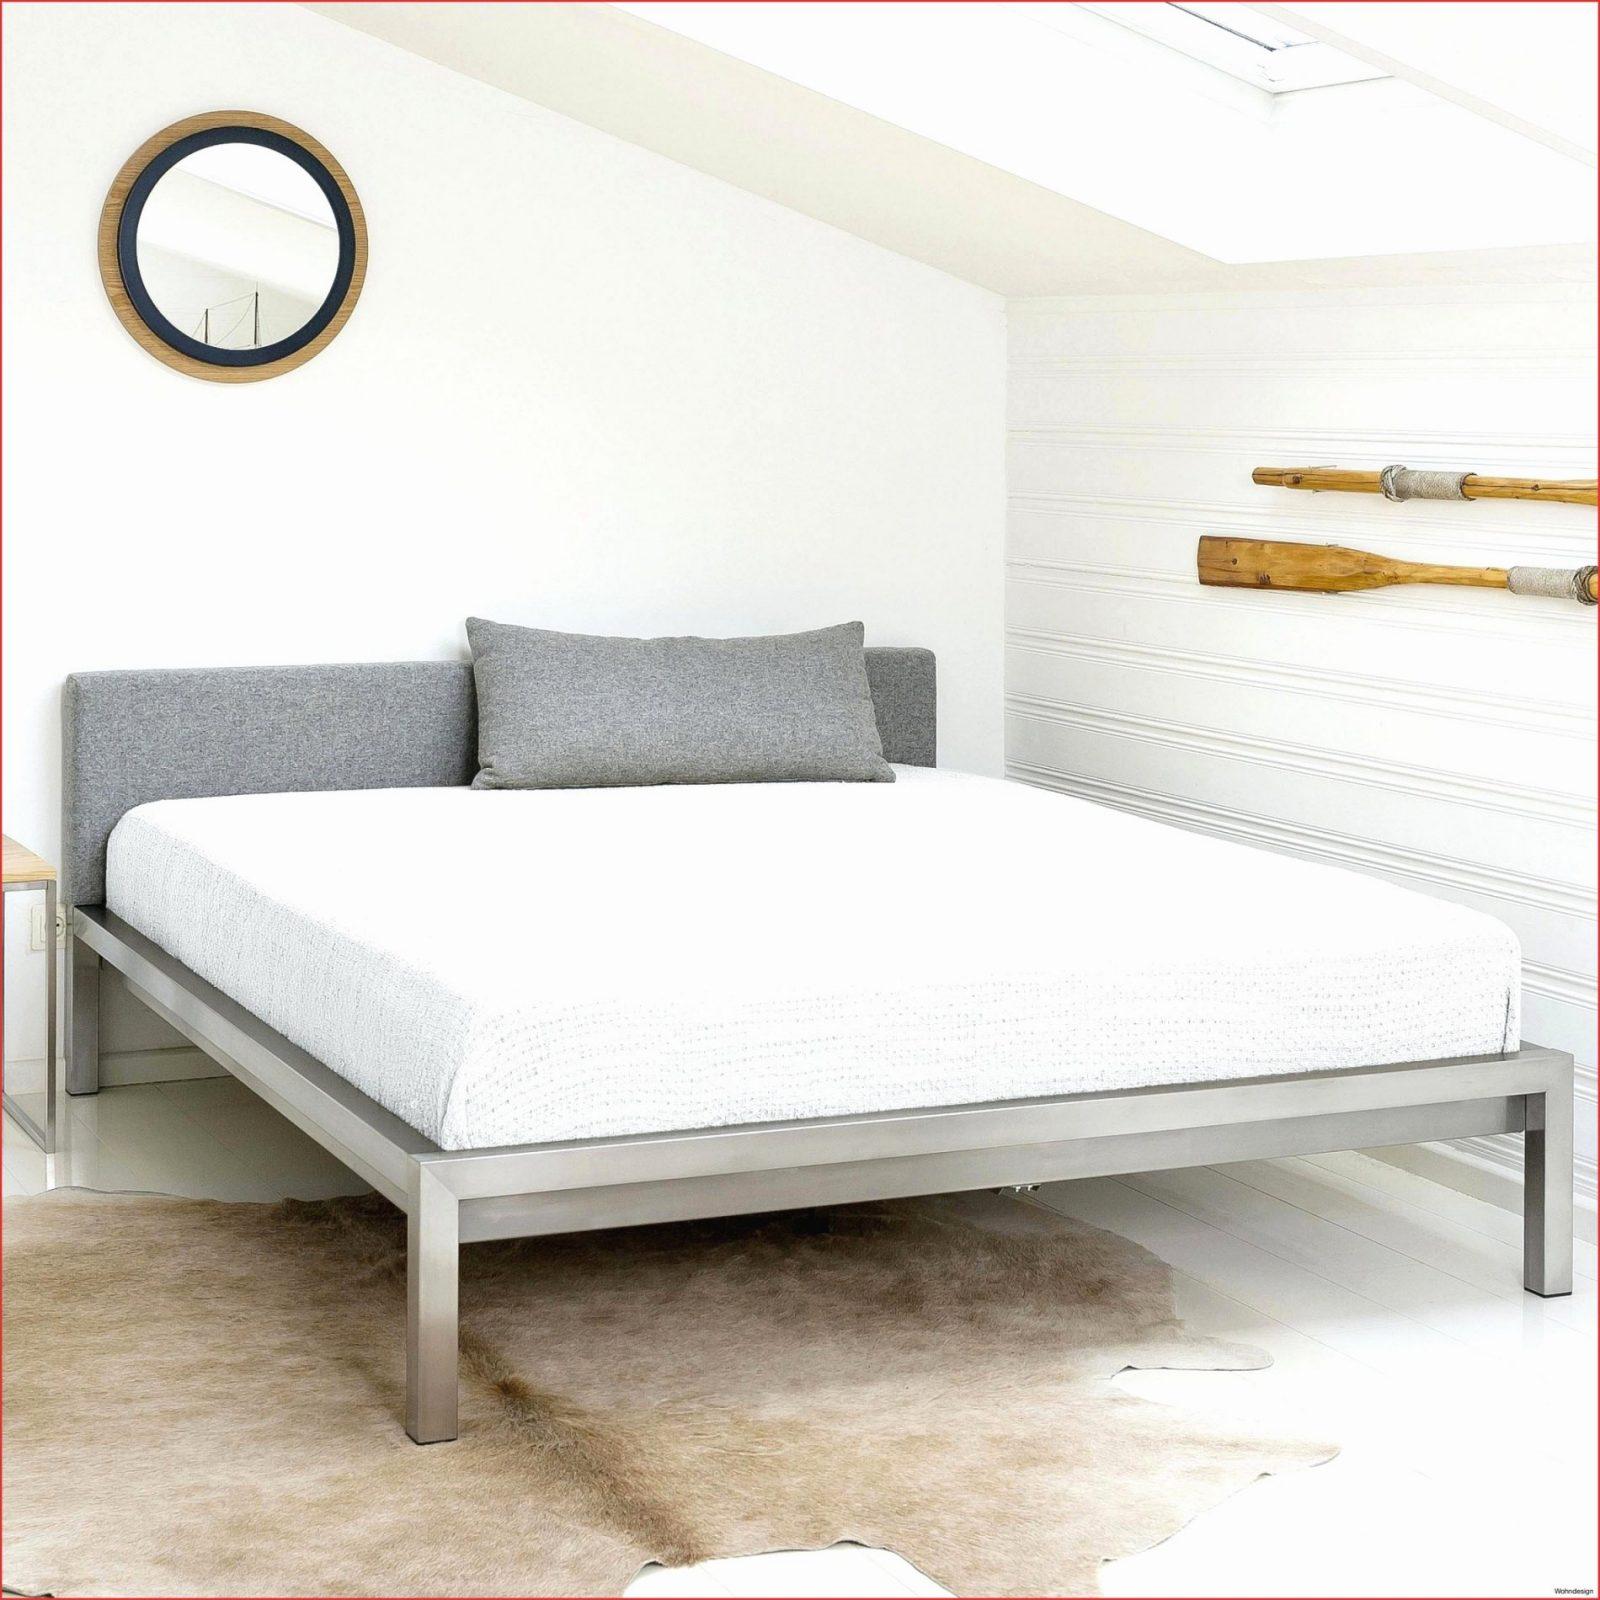 Bett Kopfteile Holz Wei Archives  Wohndesign von Bett Kopfteil Holz Selber Bauen Bild